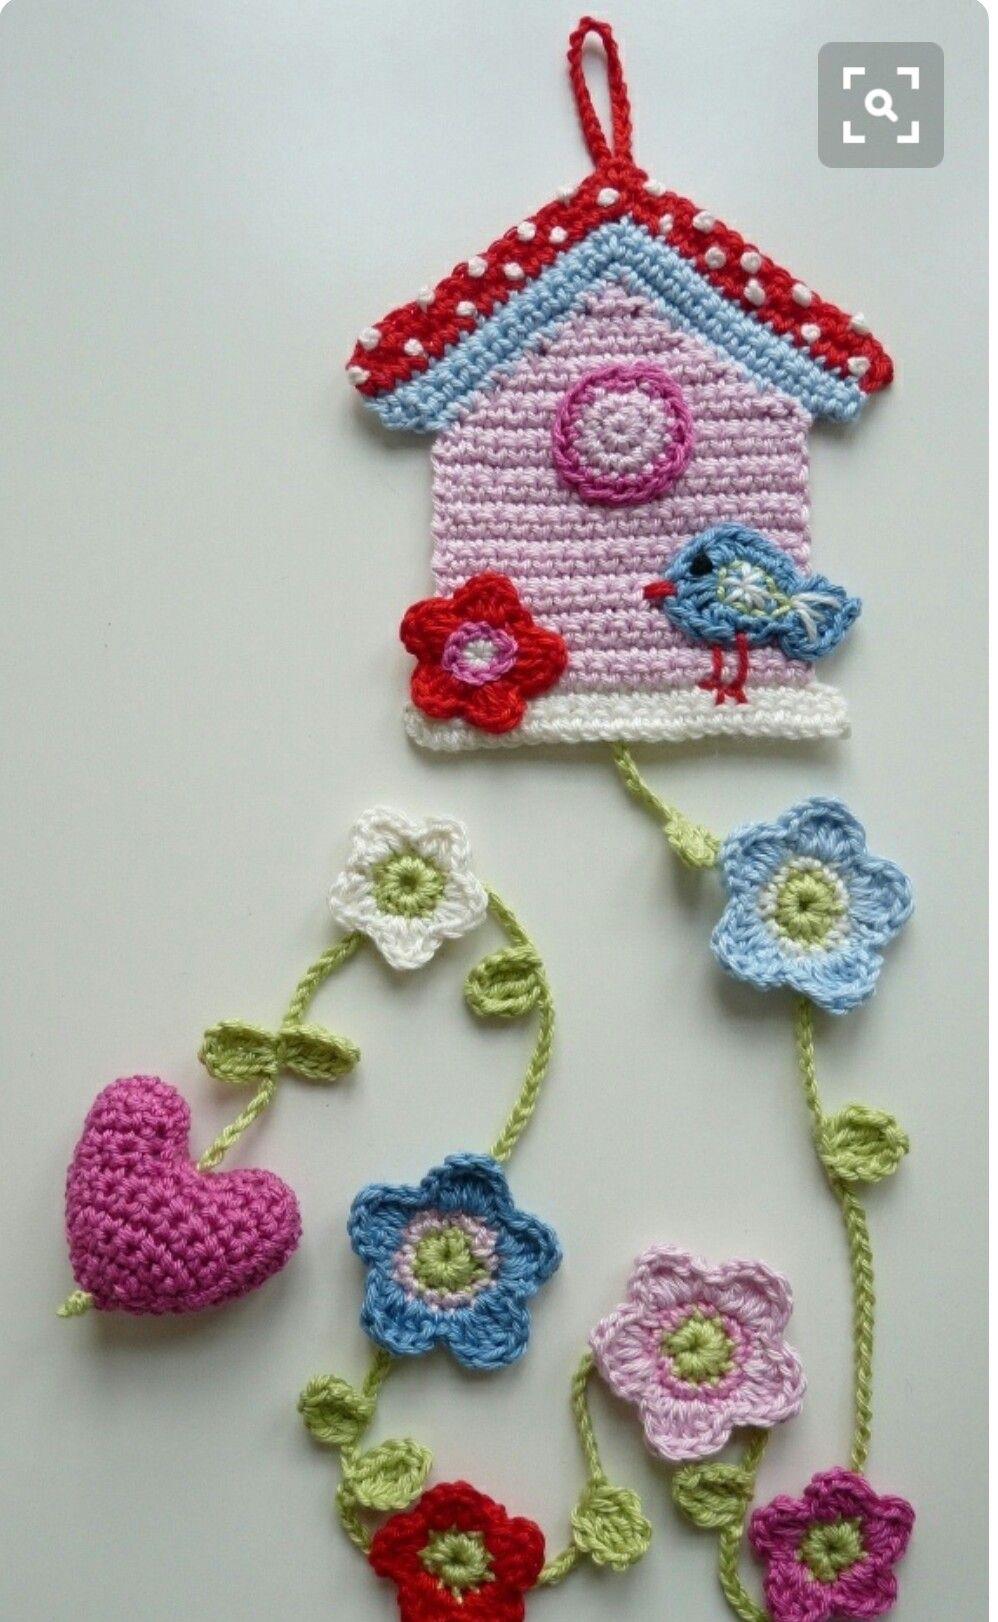 Pin von Alvin auf Crochet | Pinterest | Wolle, Neuer und Häkeln